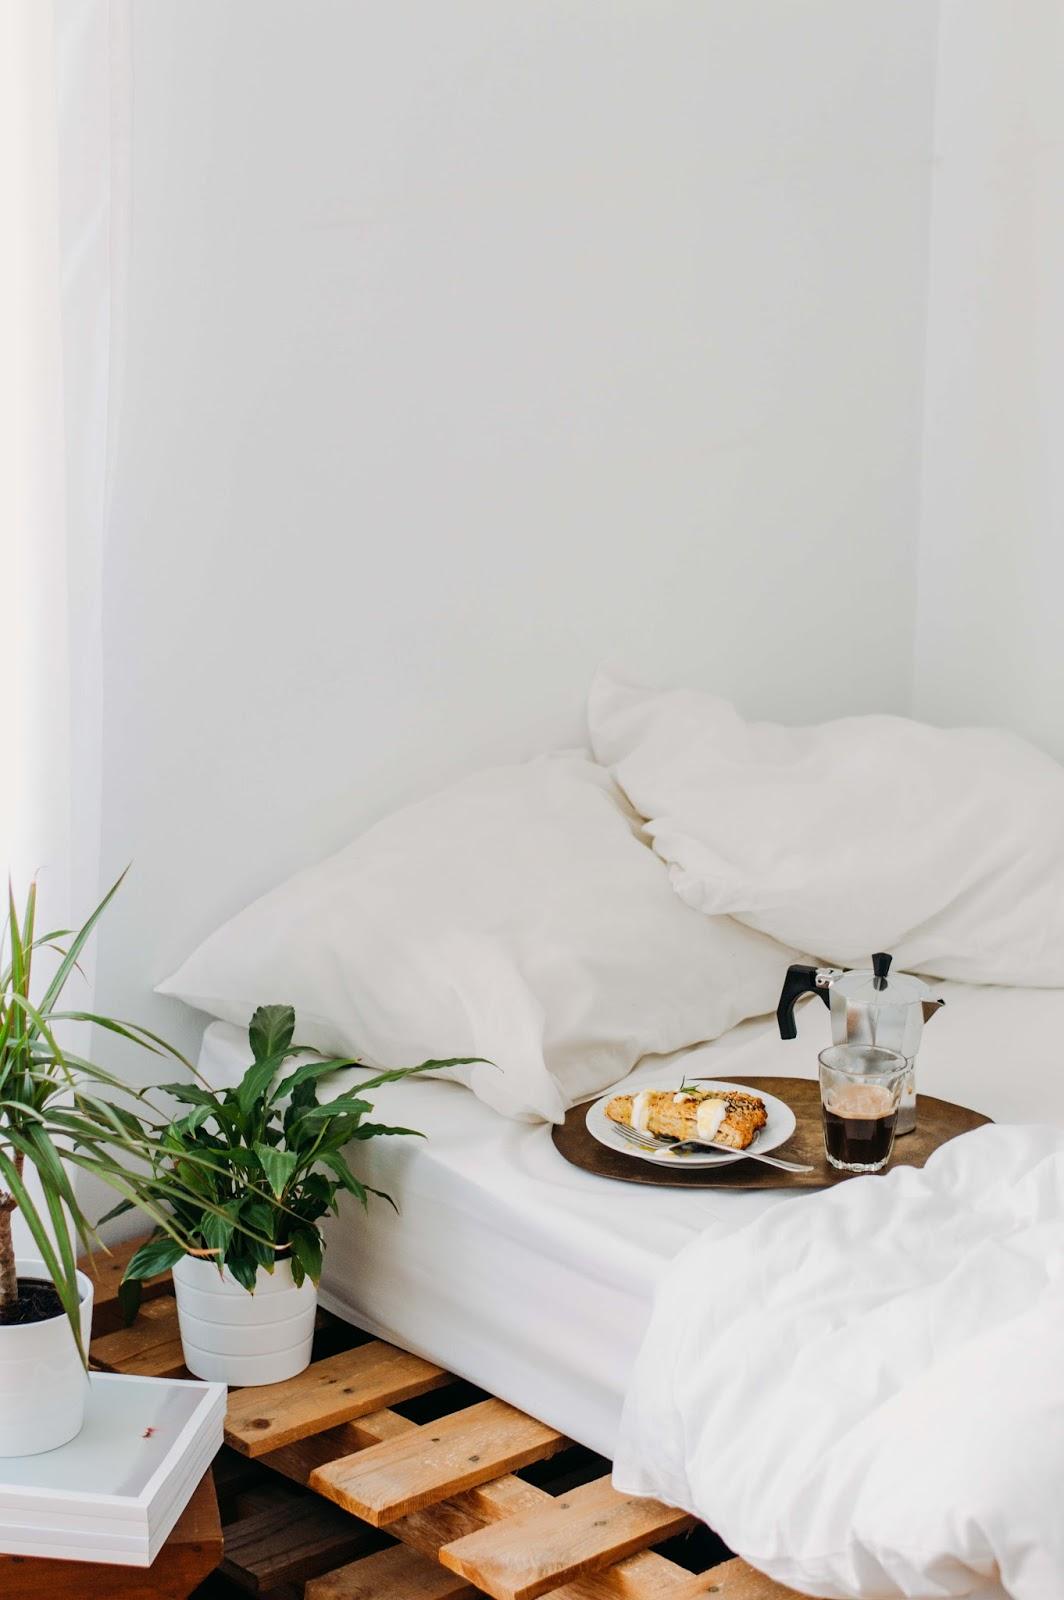 Rosemary Tangerine Scones | https://oandrajos.blogspot.com